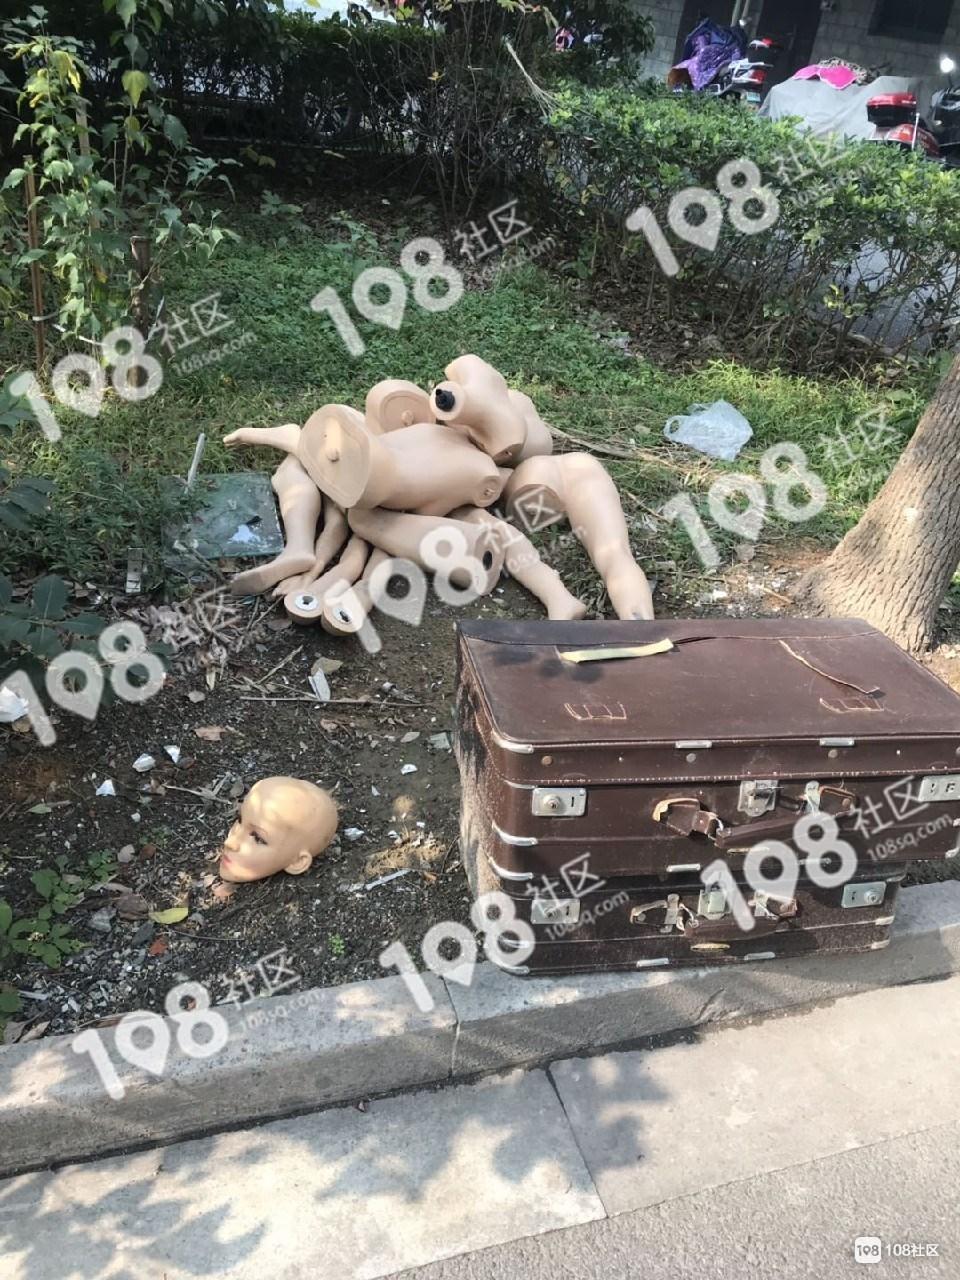 吓得腿软!市区这路边有一只旧皮箱和女人腿...